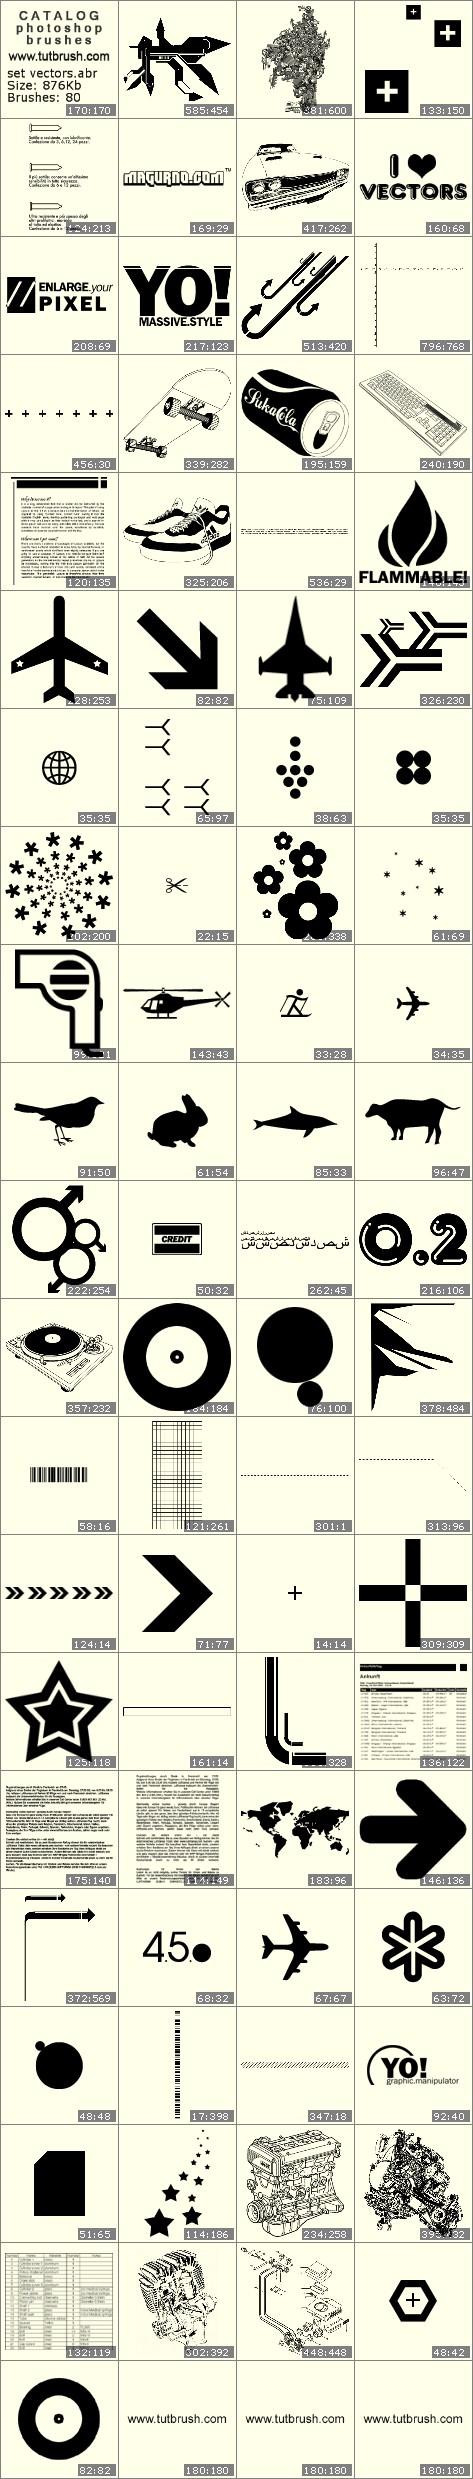 Кисти для фотошопа набор векторных знаков